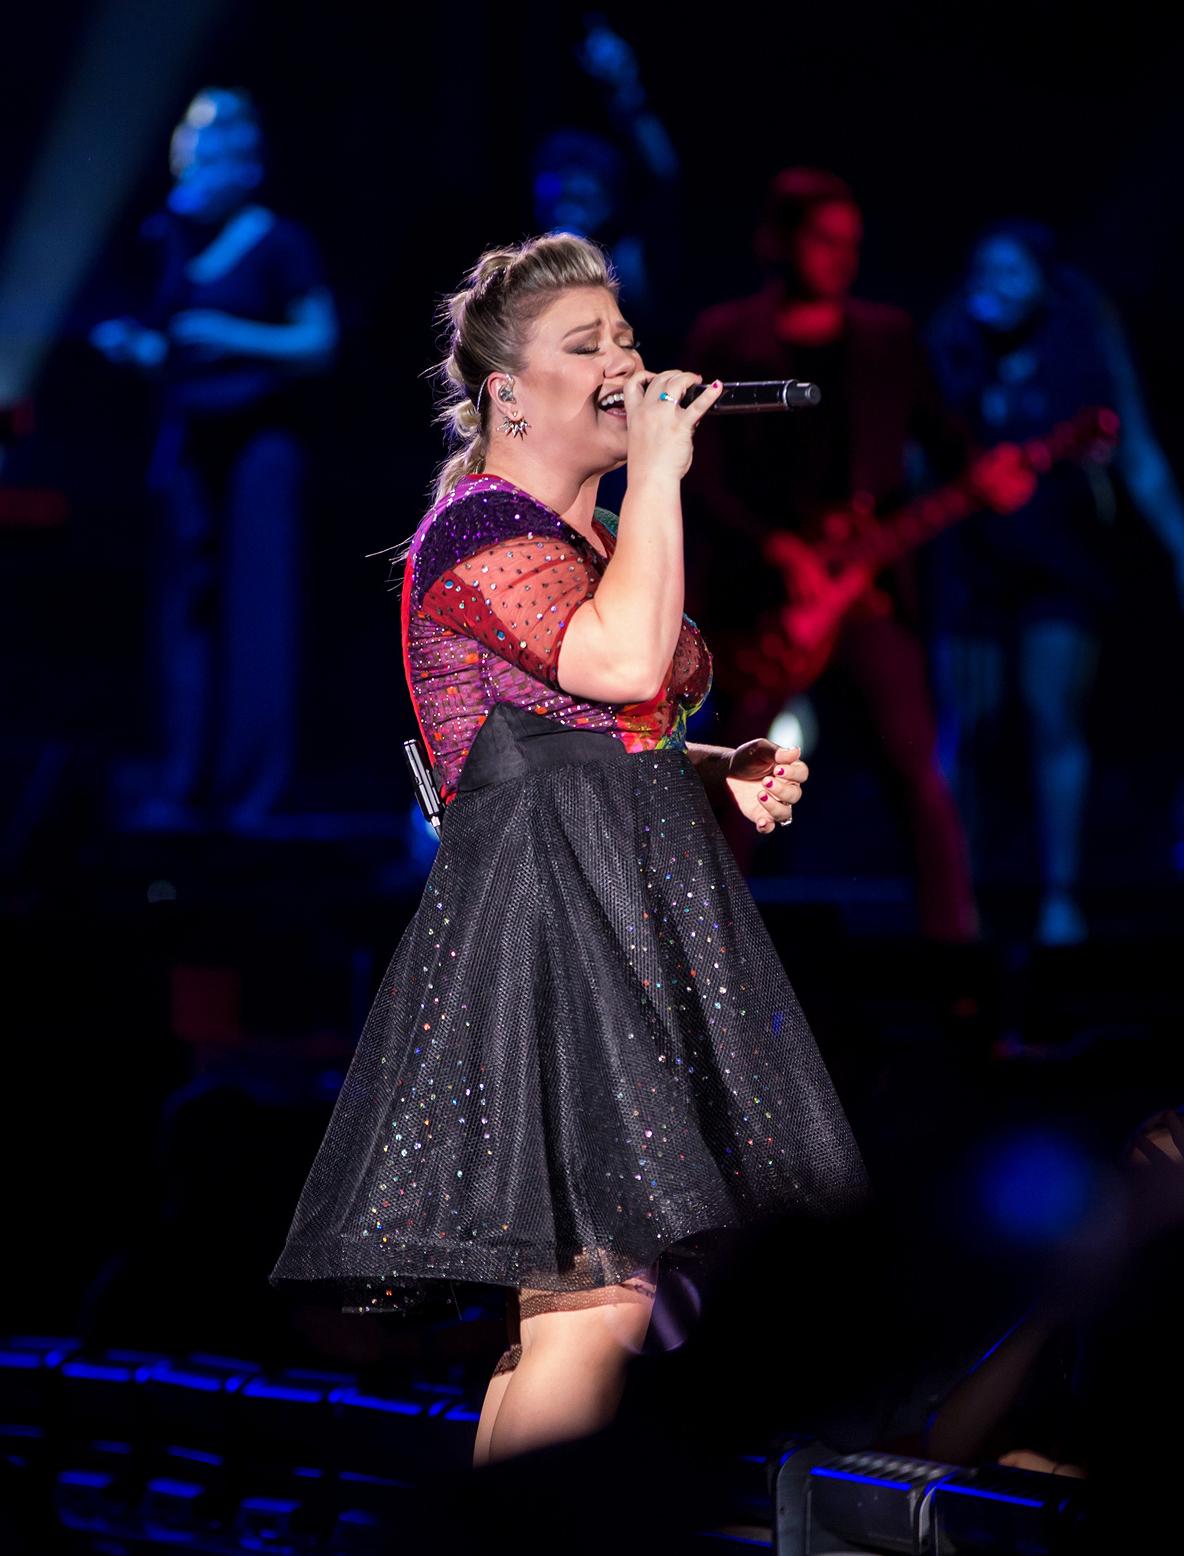 Danh sách đĩa nhạc của Kelly Clarkson – Wikipedia tiếng Việt